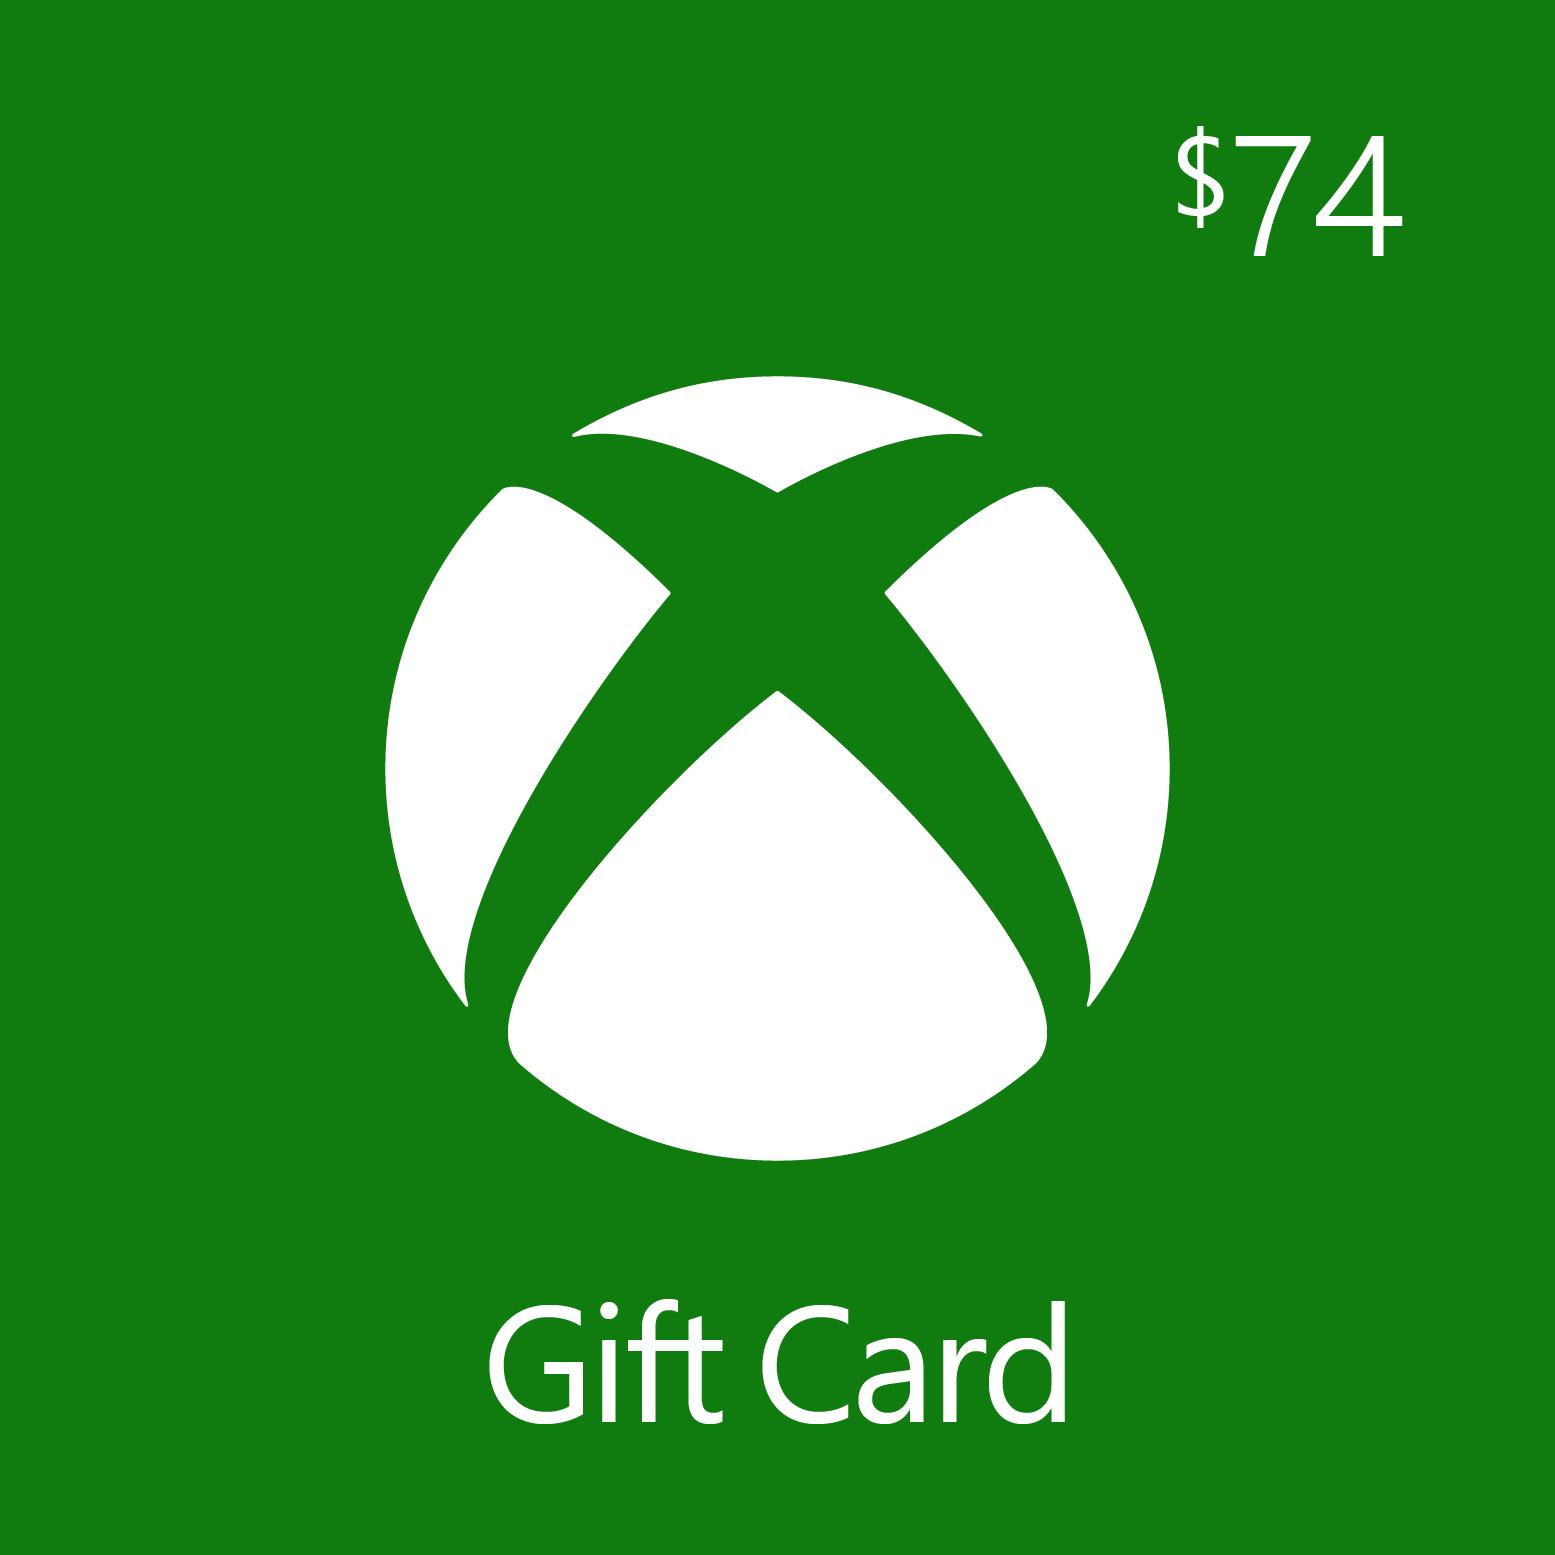 $74.00 Xbox Digital Gift Card